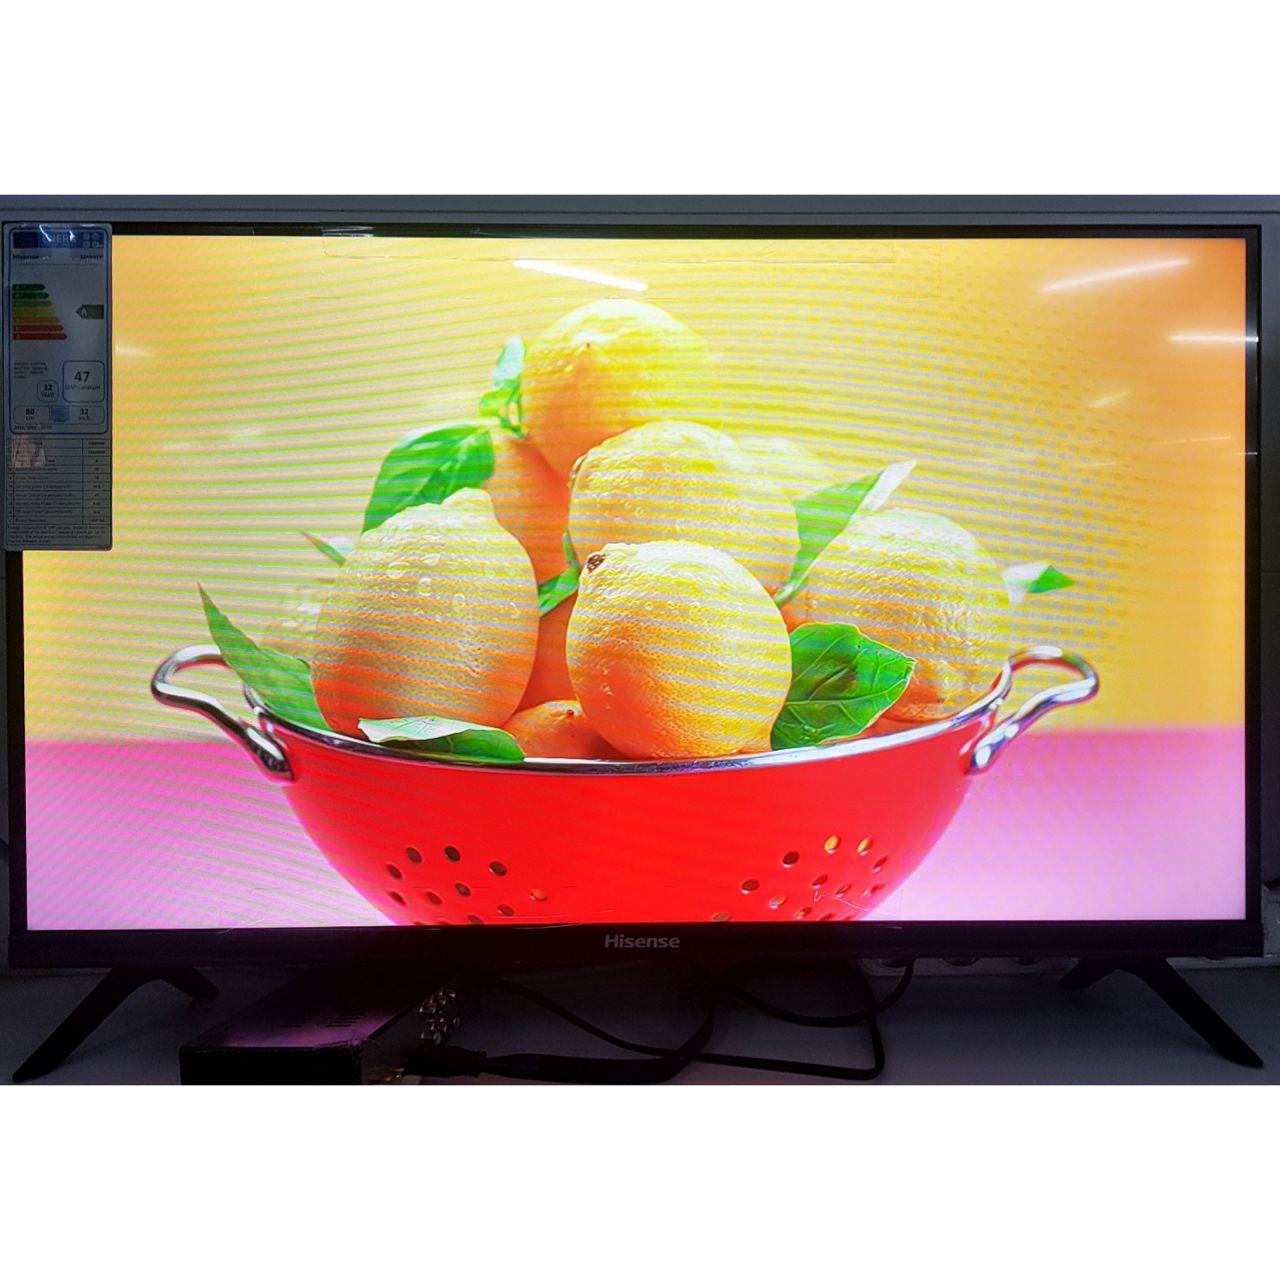 Телевизор Hisense Full HD 82 см